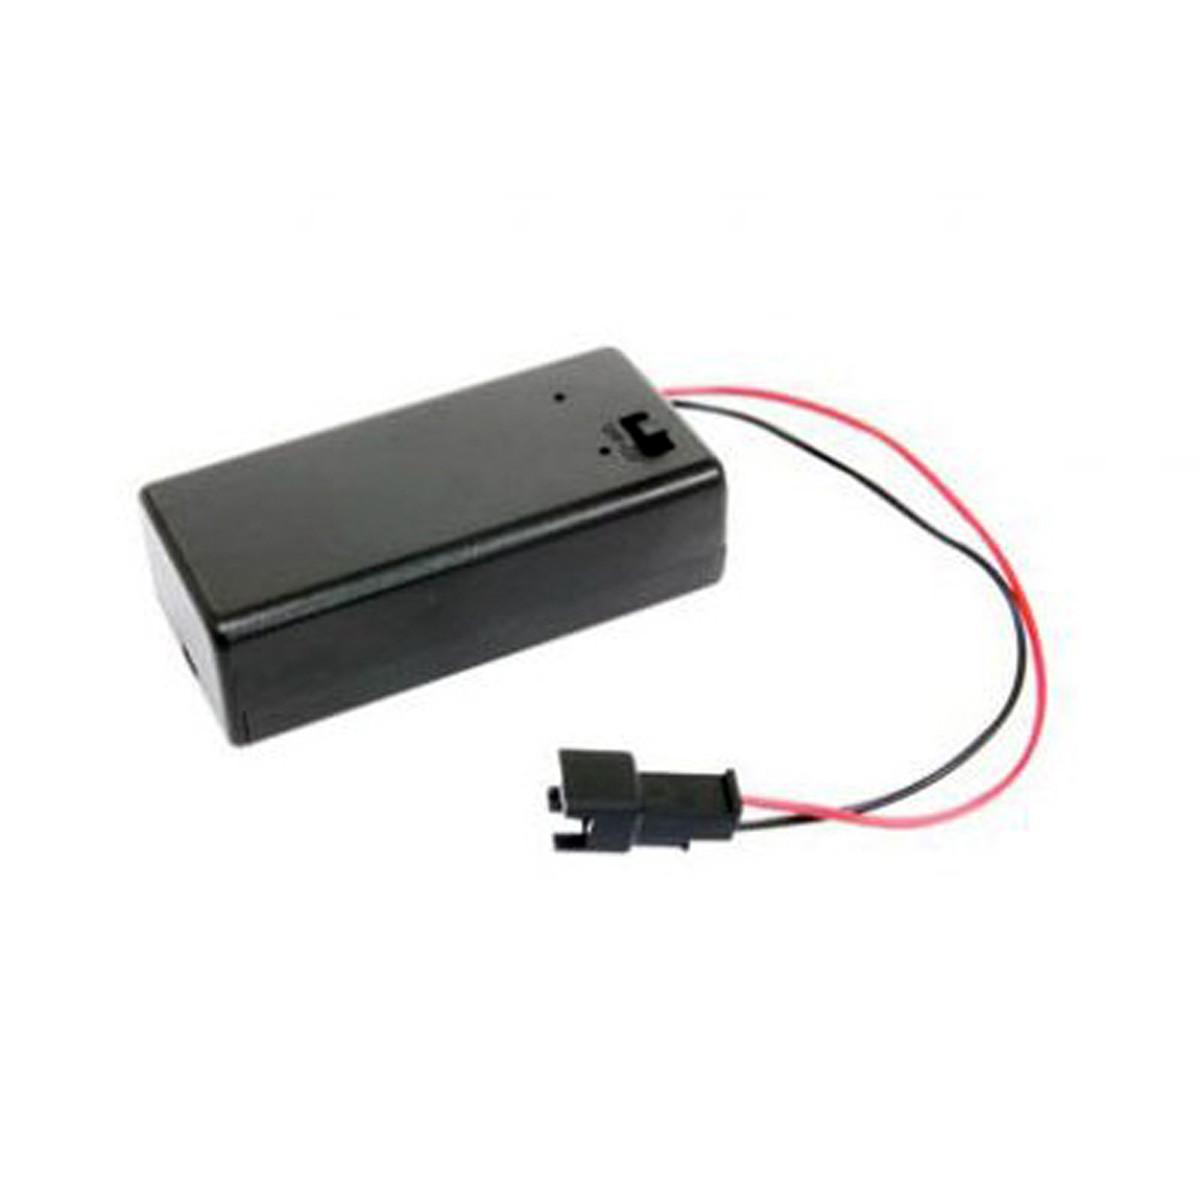 Support batterie 9V pour compteur Koso / Stage6 / Voca Connectique Noire